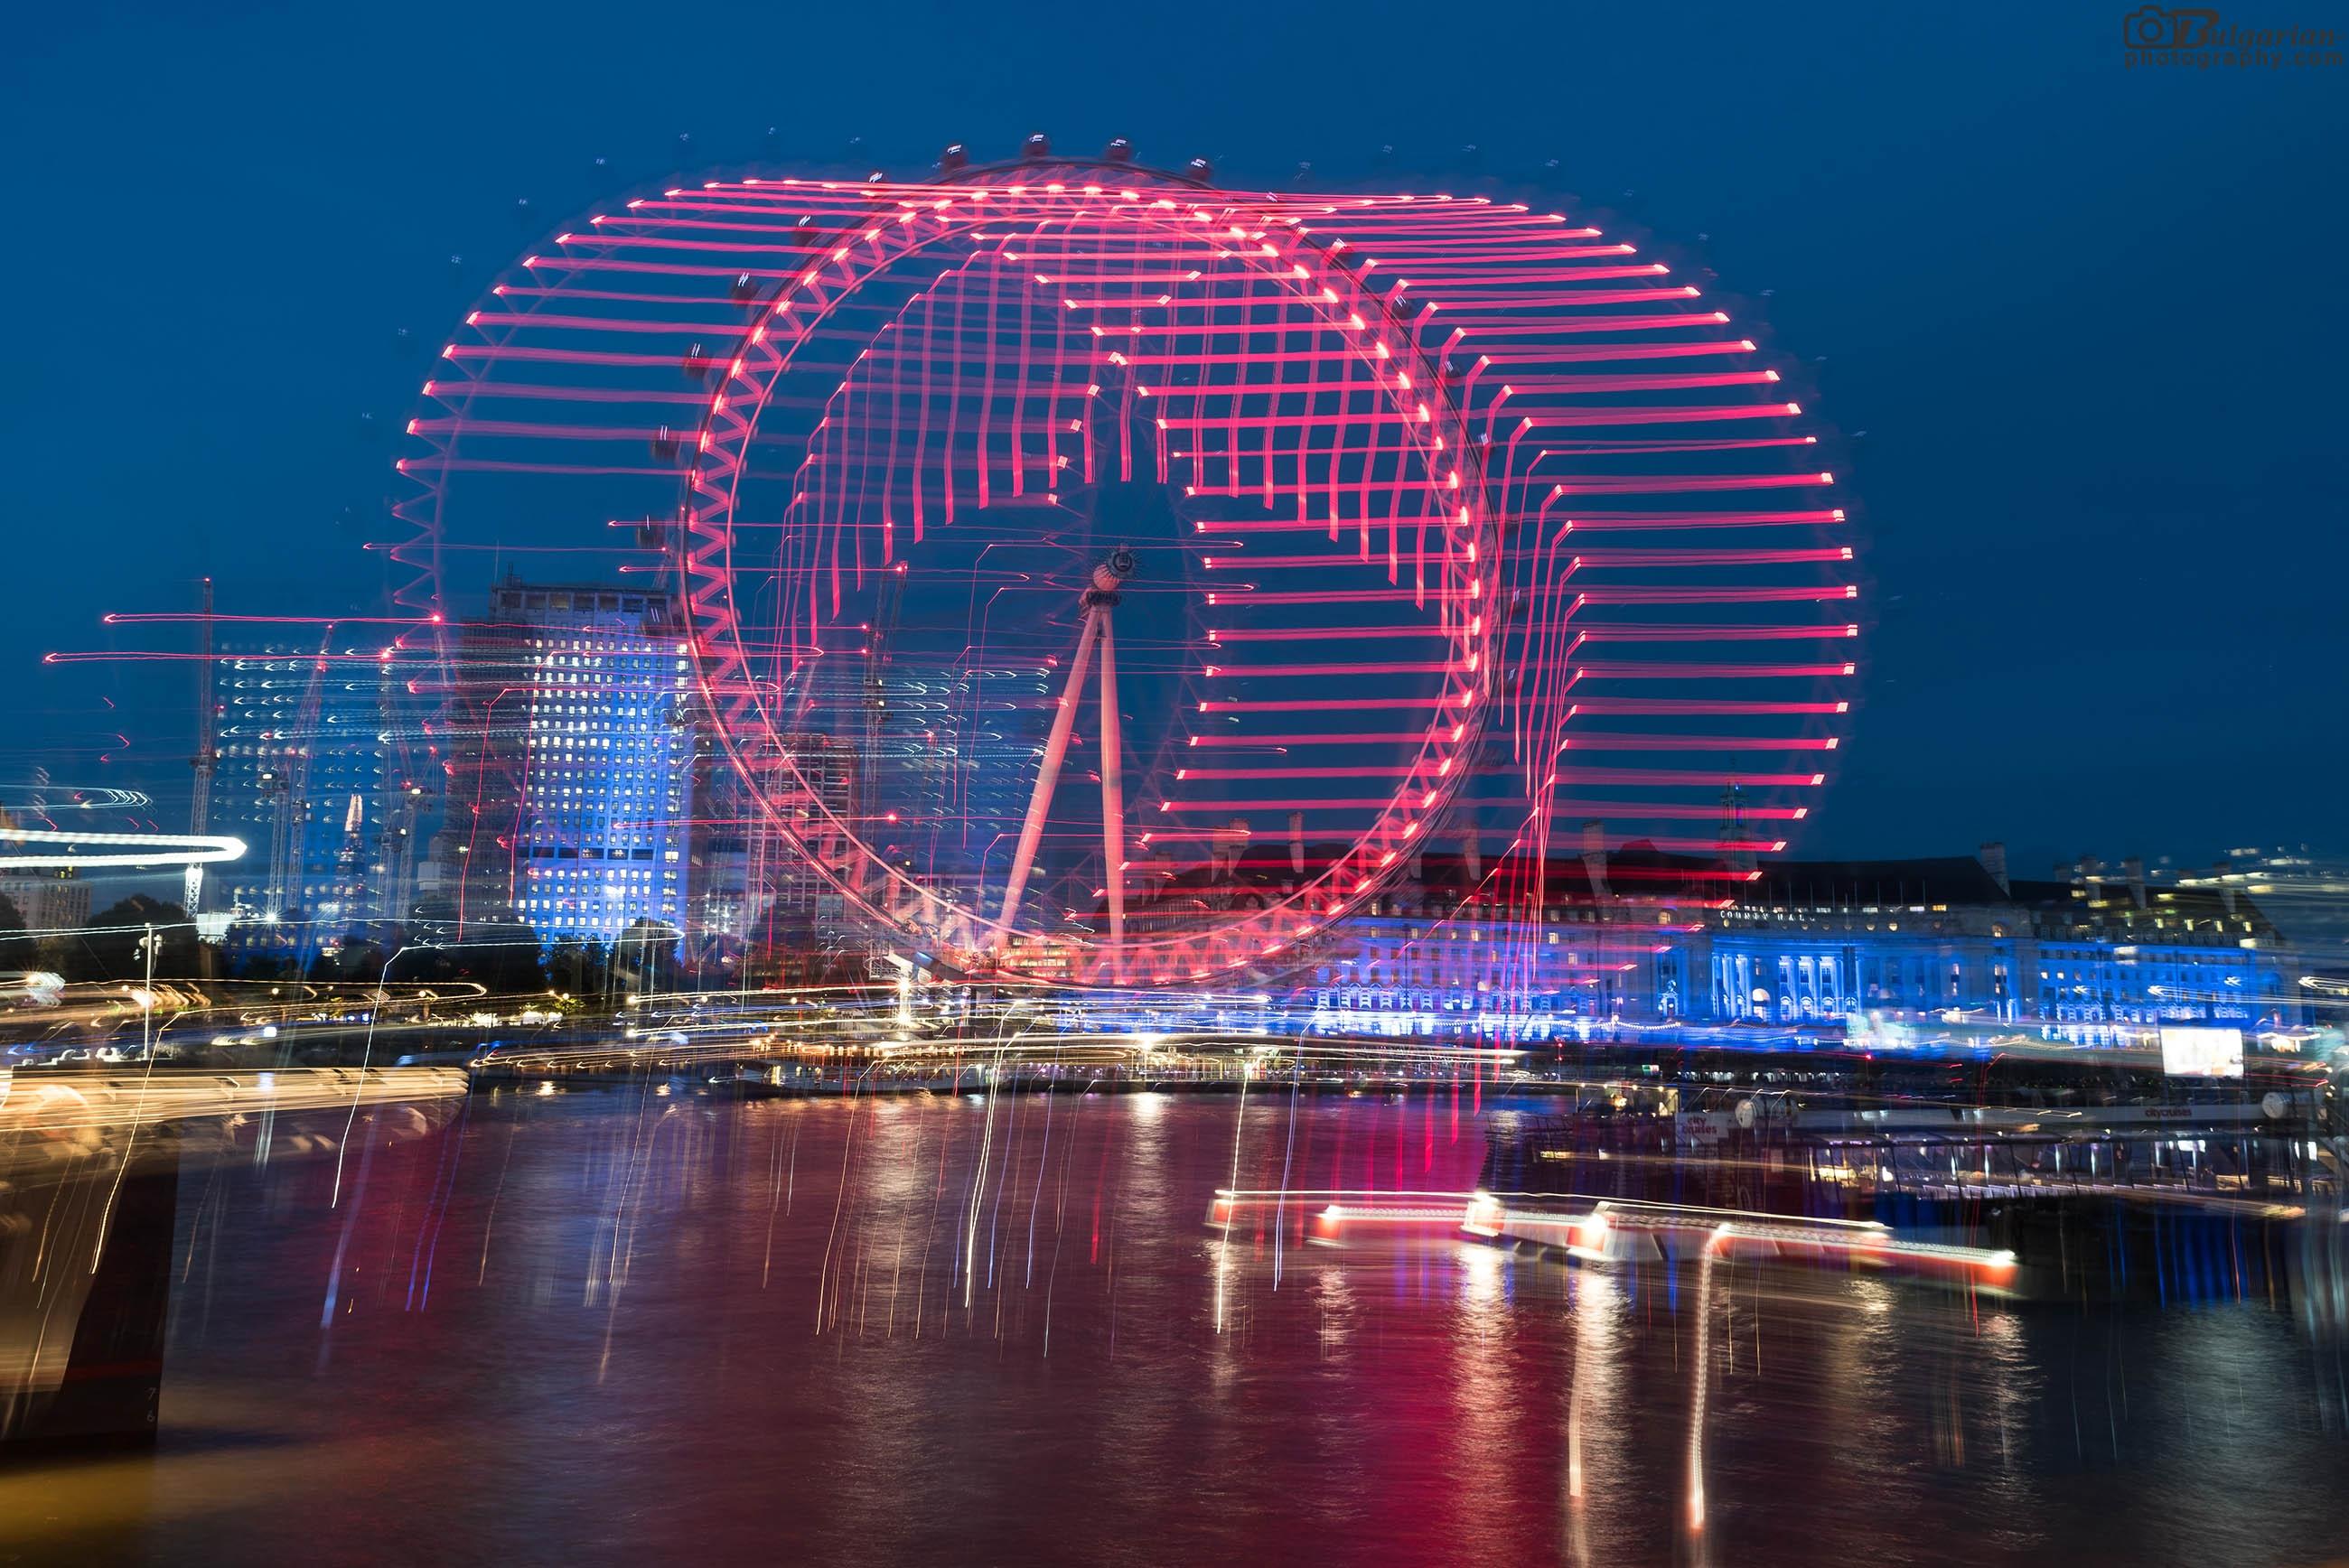 Лондонското око през нощта. Ефектът е нарочен